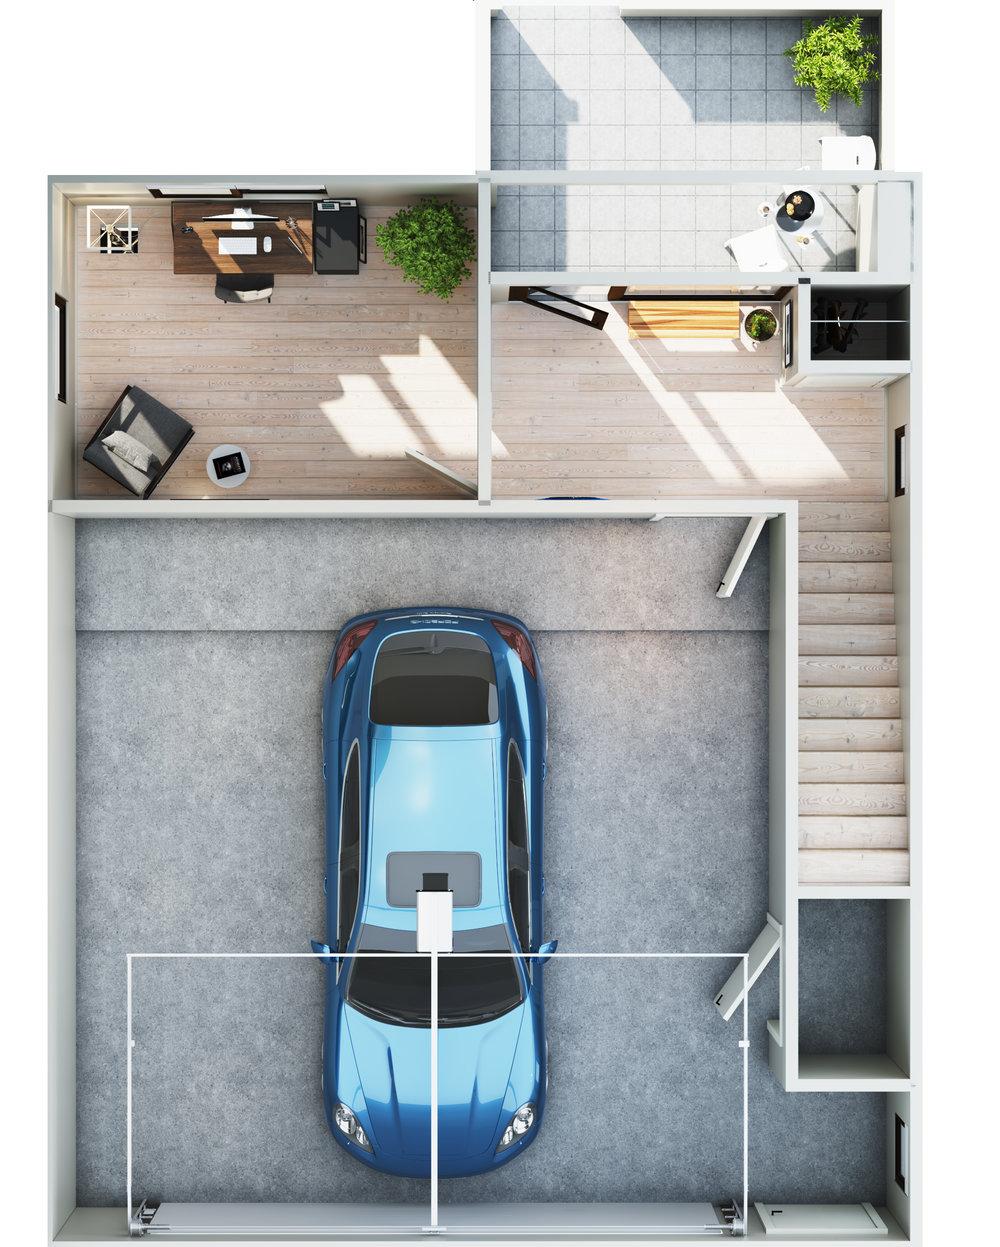 BA_Septima + Farmer_Town Homes_Flex Room Floor Plan_V1_04.jpg